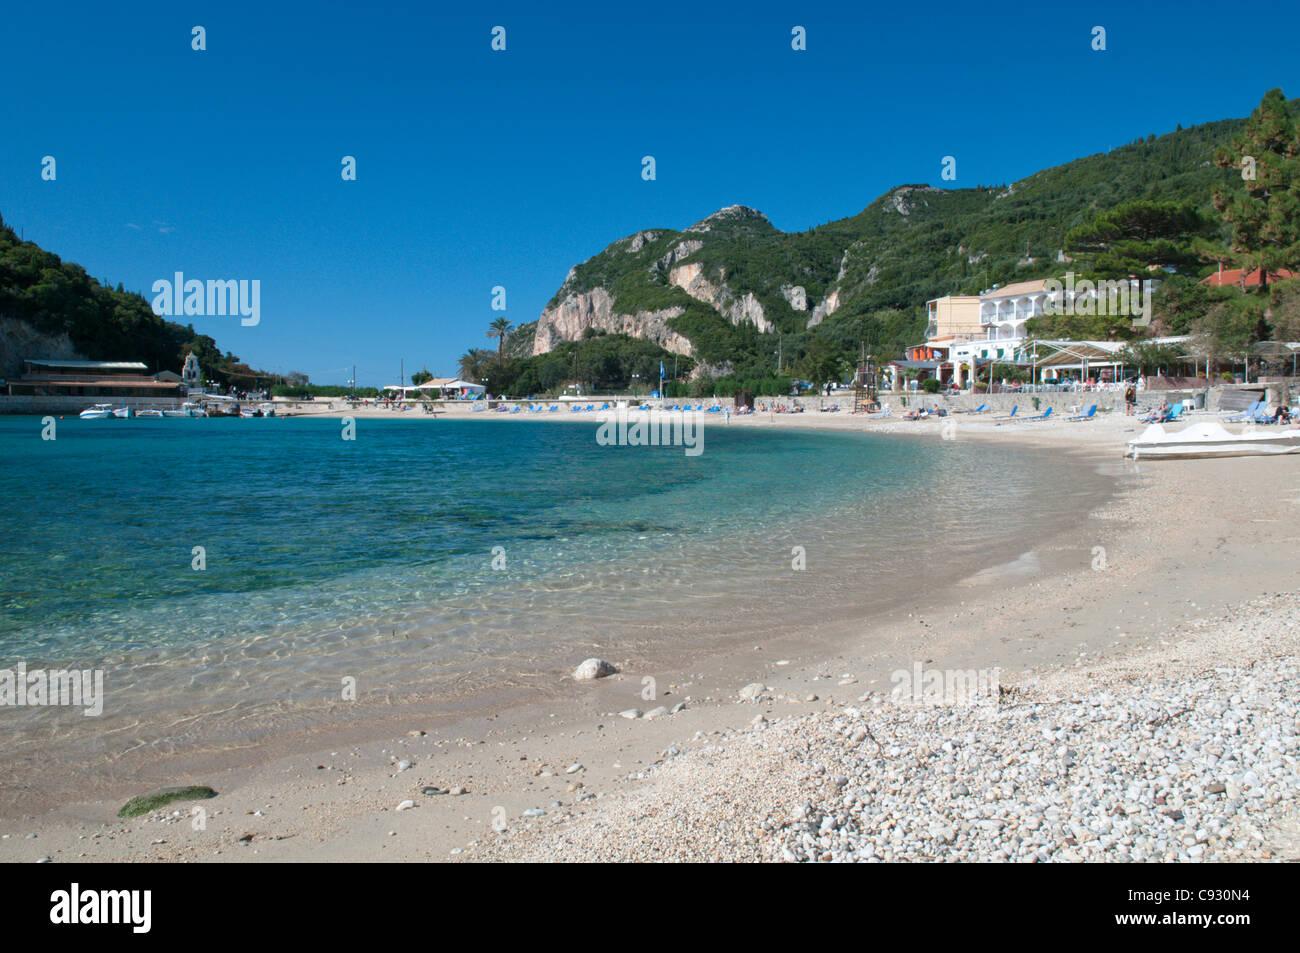 Paleokastritsa also spelt Palaiokastritsa is a resort town on the coast of Corfu island on the Ionian sea coast Stock Photo